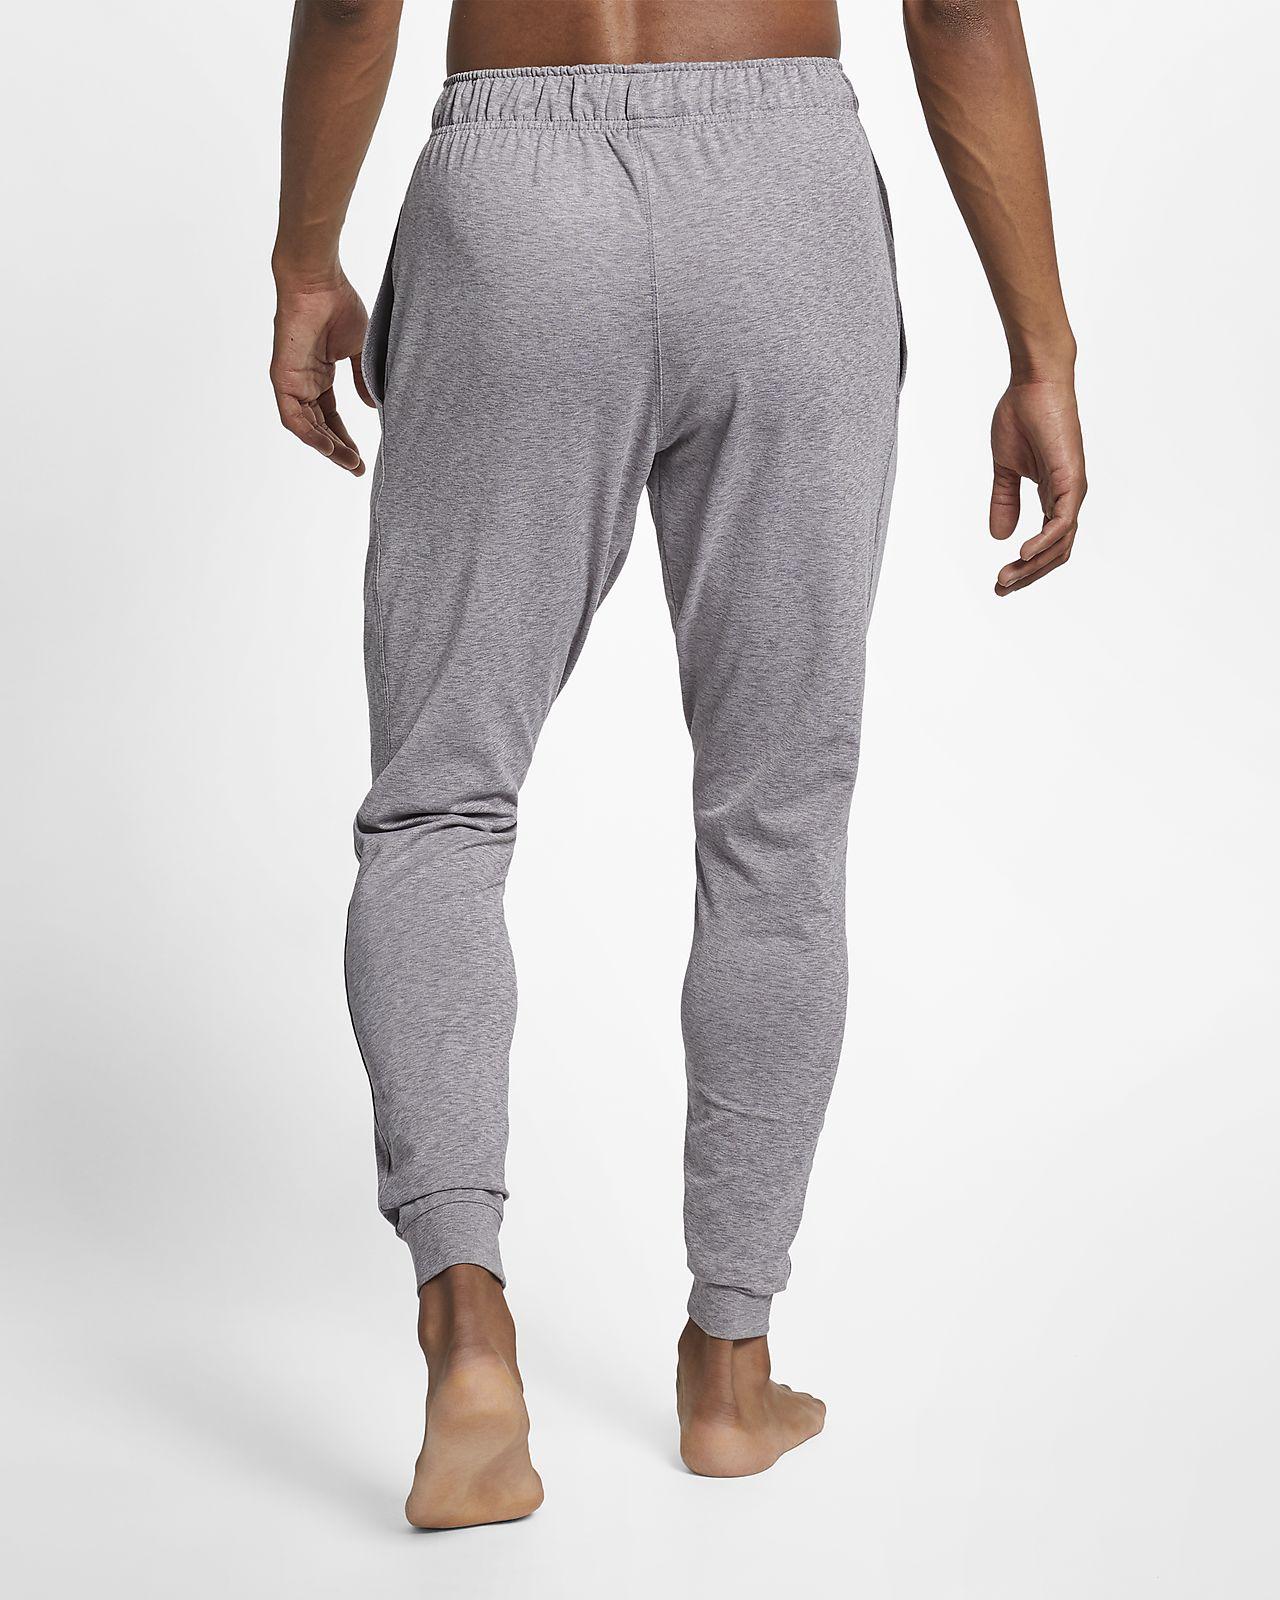 Nike Dri FIT yogabukser til mænd